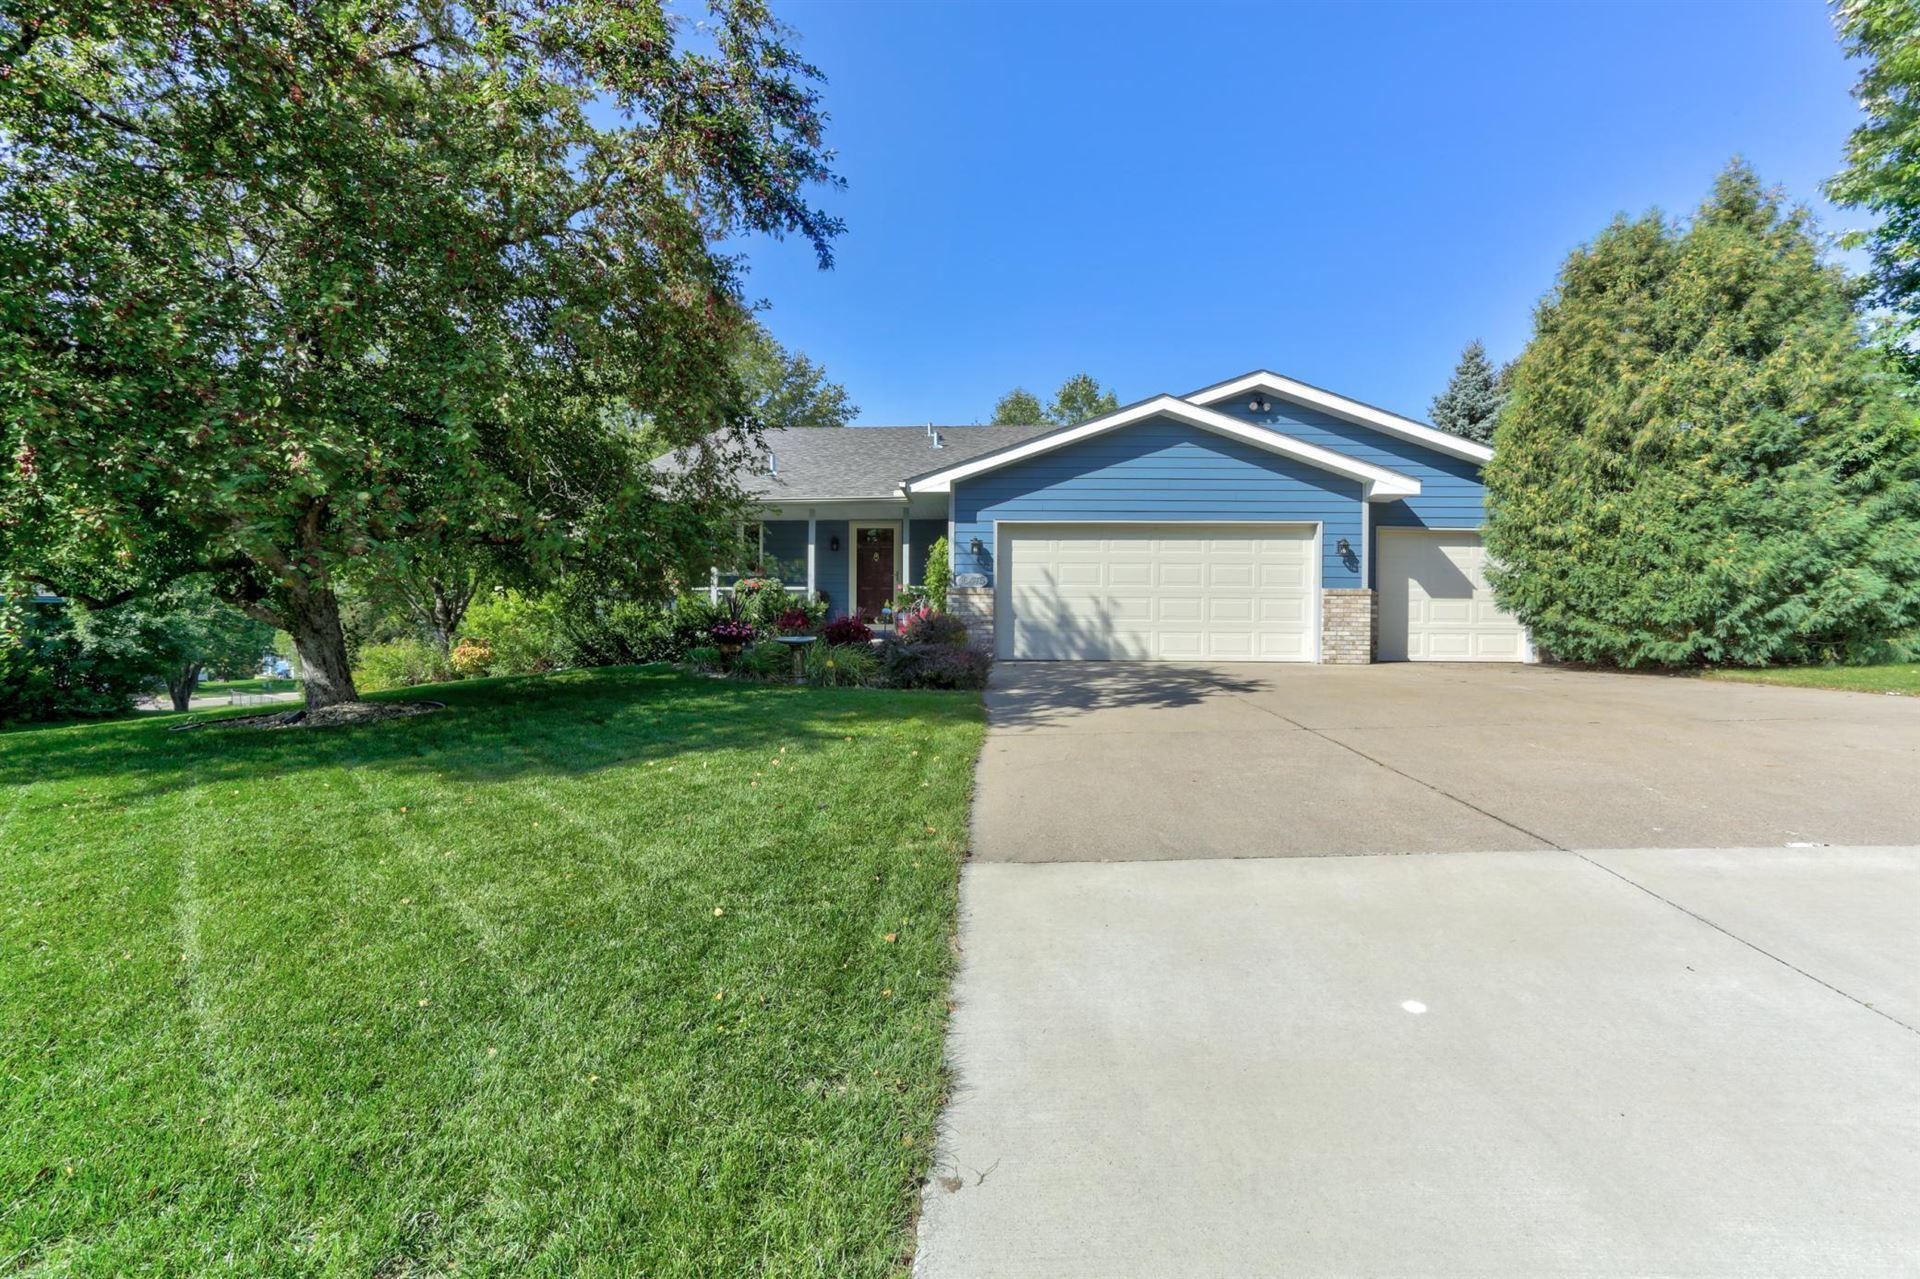 Photo of 16475 Hallmark Path, Lakeville, MN 55044 (MLS # 6104498)